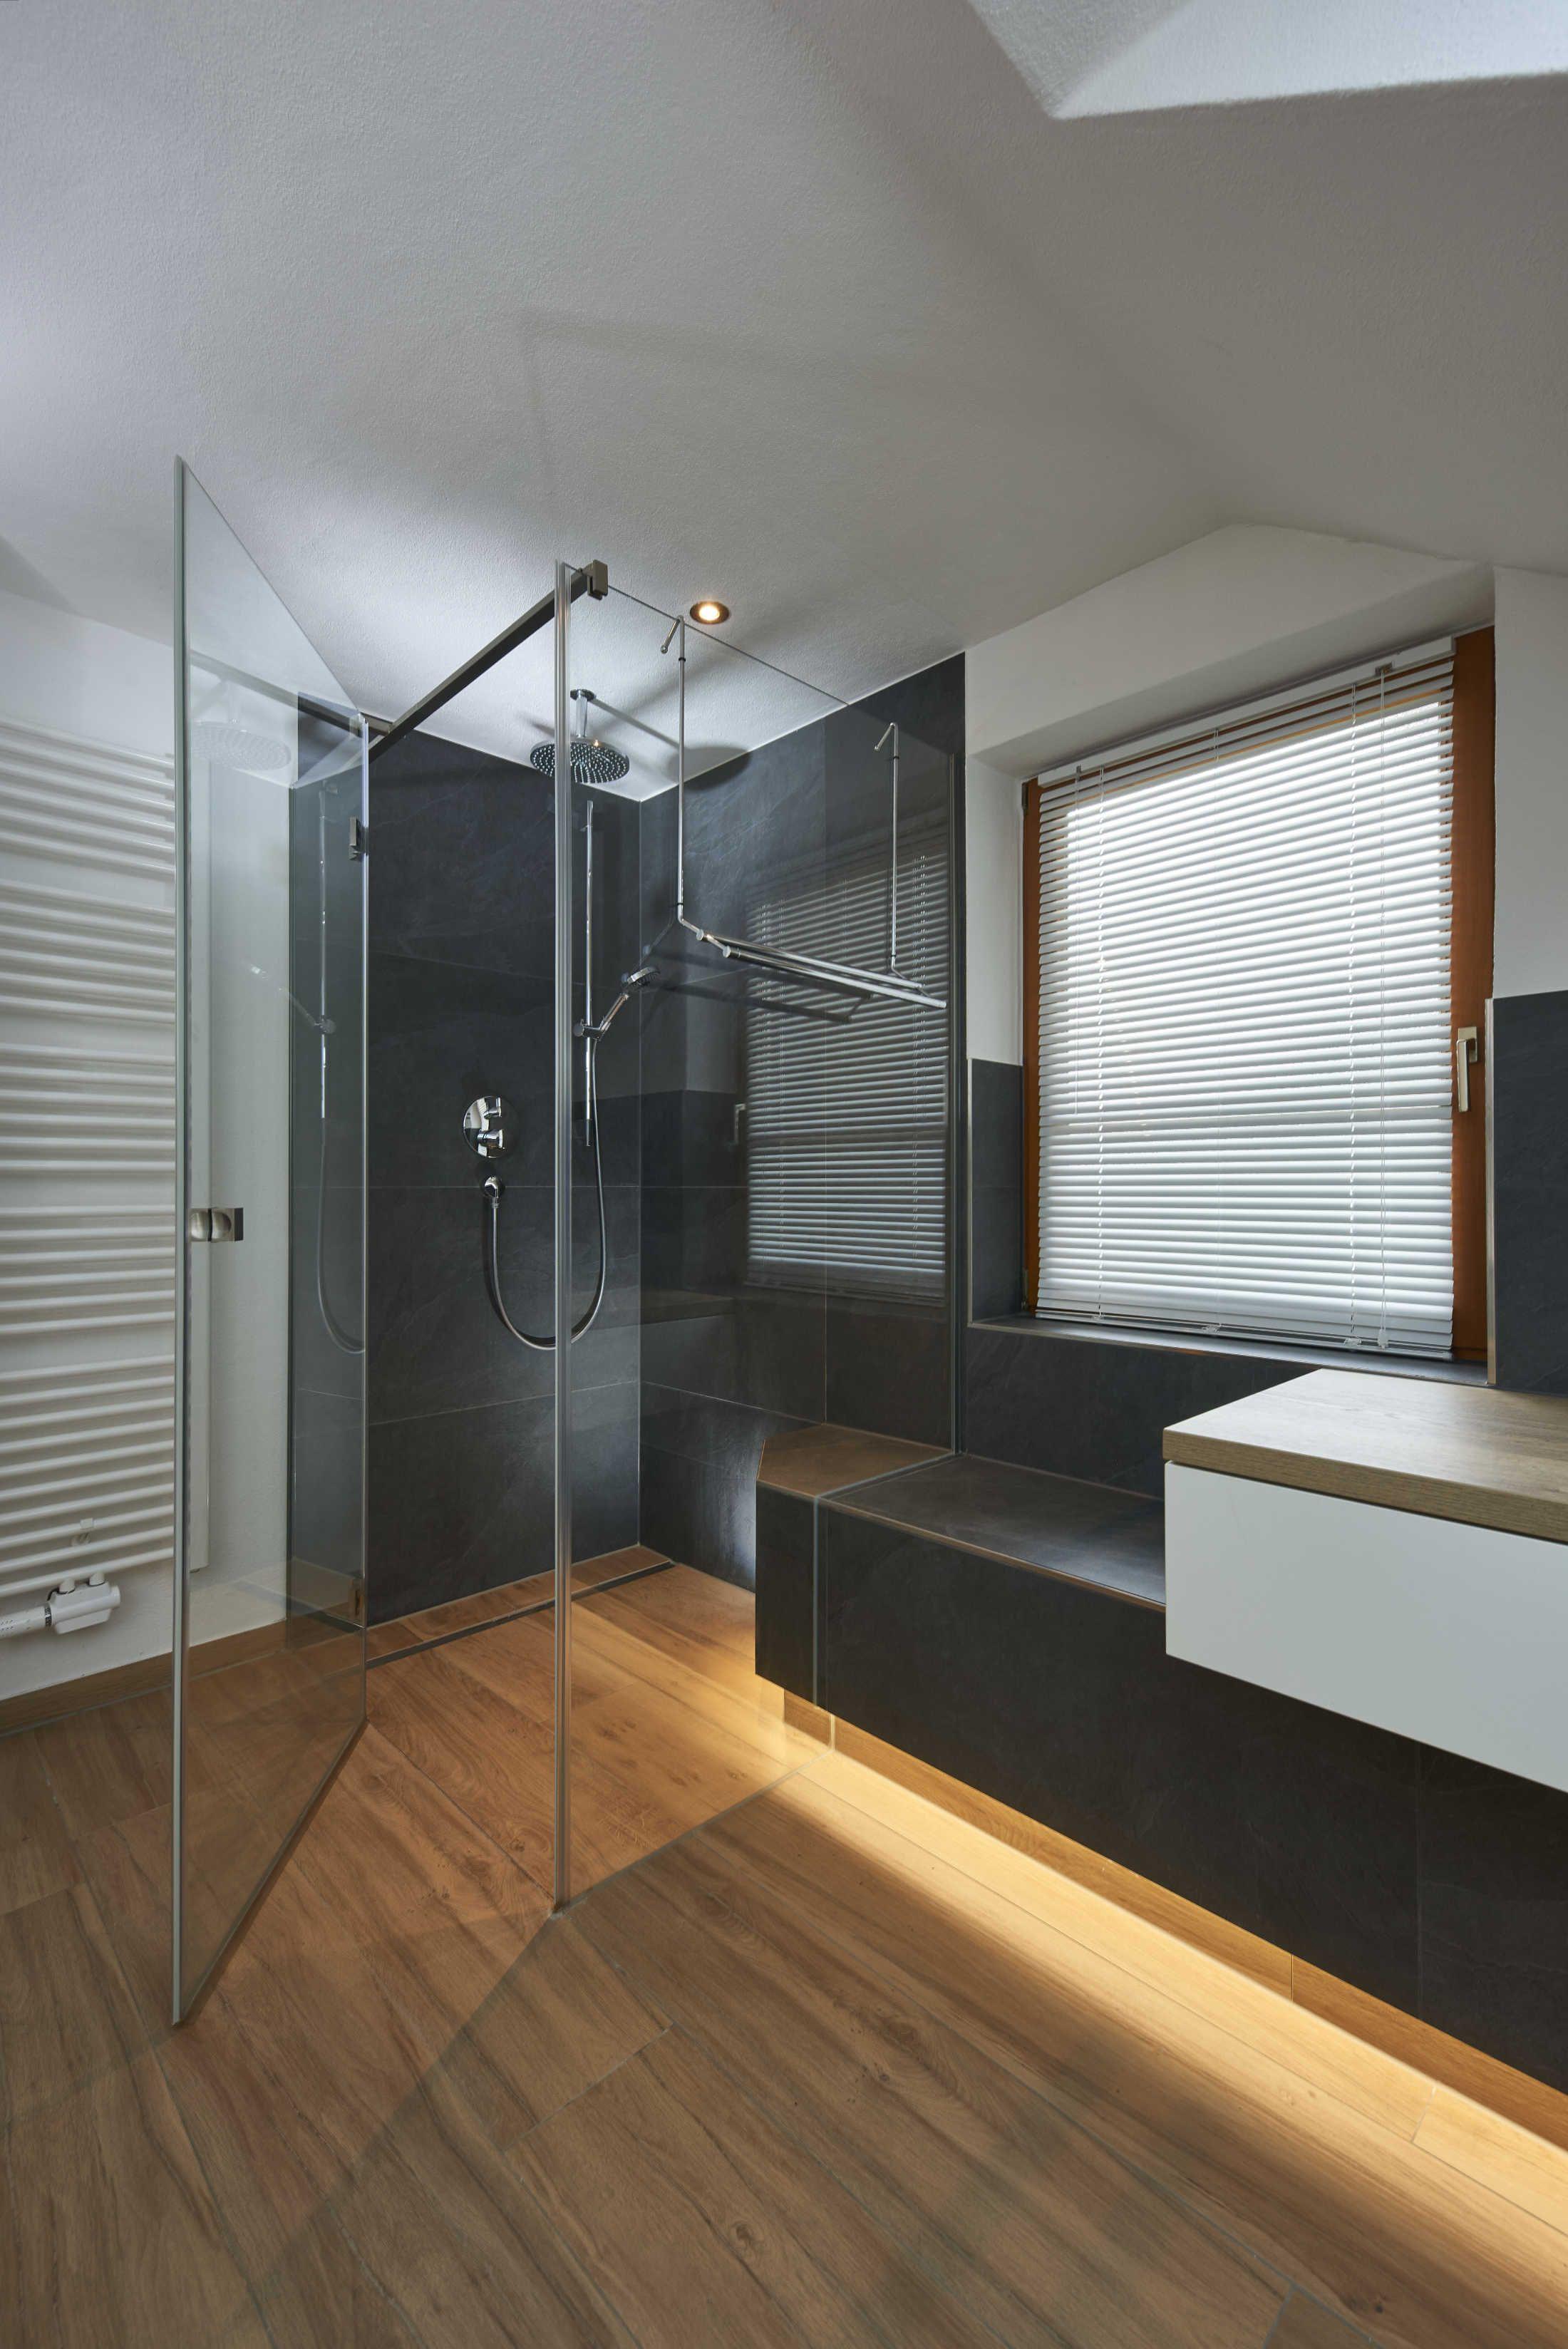 Diese Badezimmerplanung Stammt Komplett Aus Dem Hause Buhler Ein Eyecatcher In Diesem Bad Ist Die Geflieste Sitzbank M Haus Interieu Design Sitzbank Bad Baden